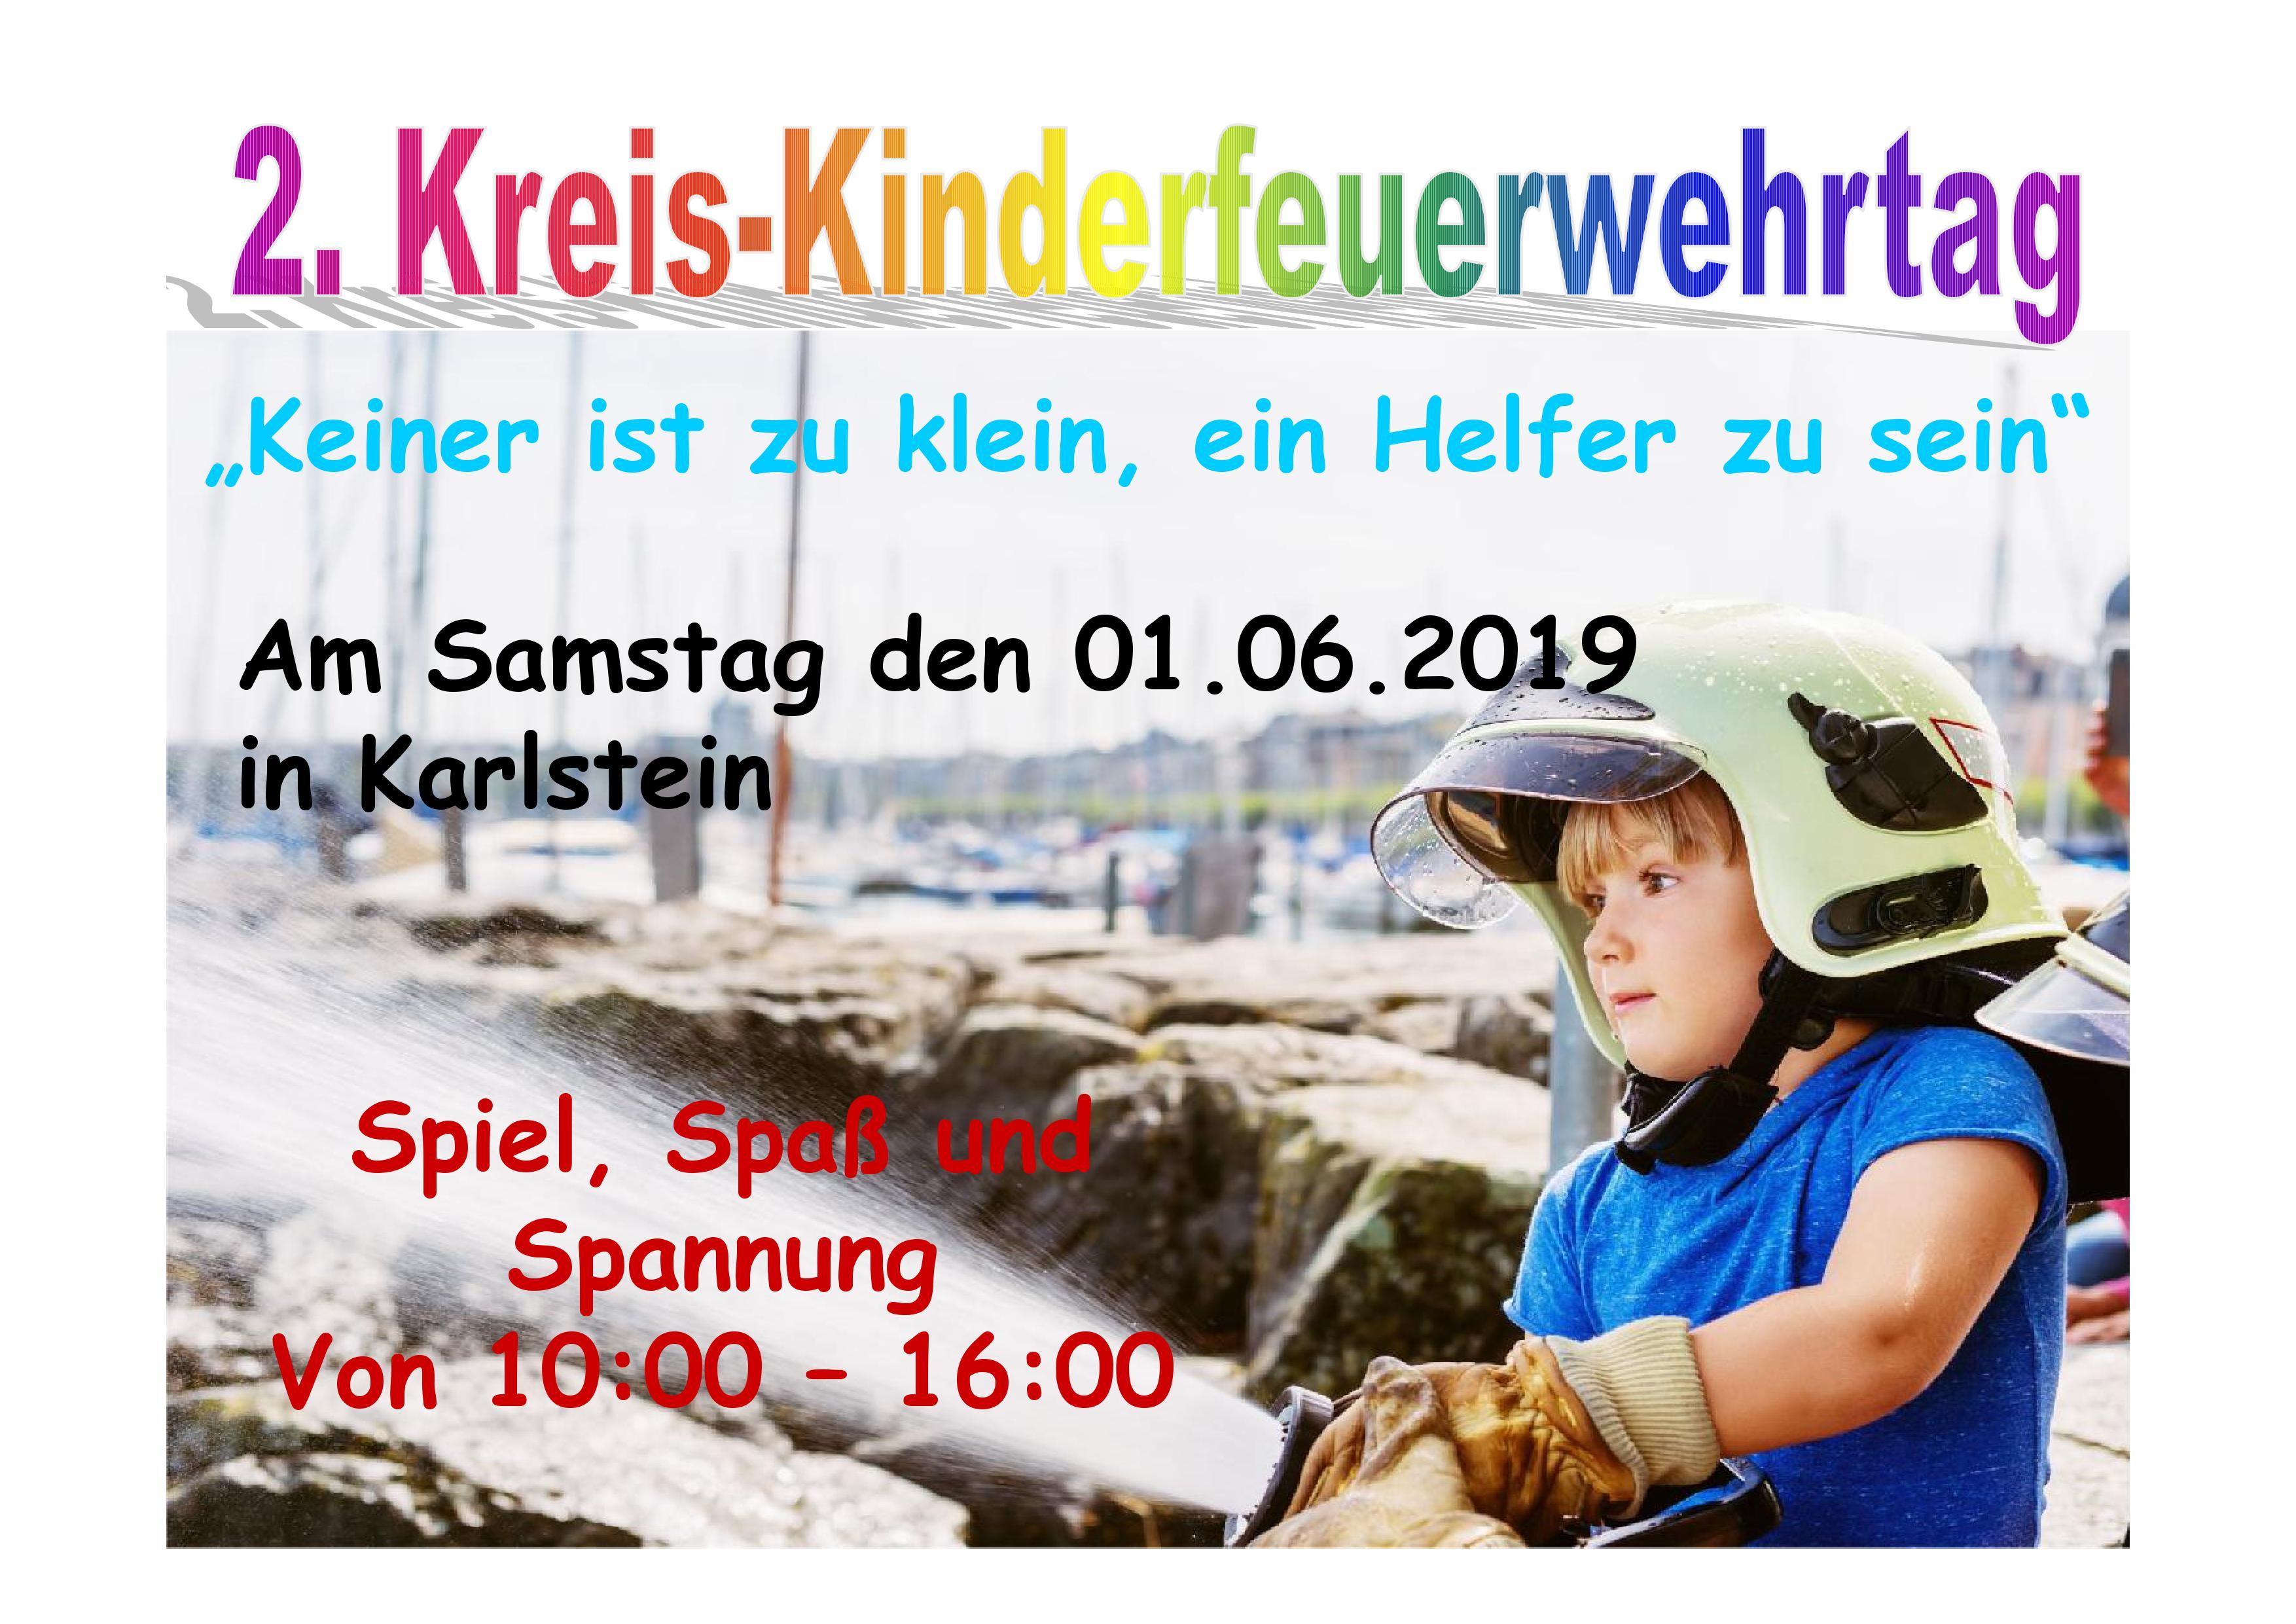 Kreiskinderfeuerwehrtag